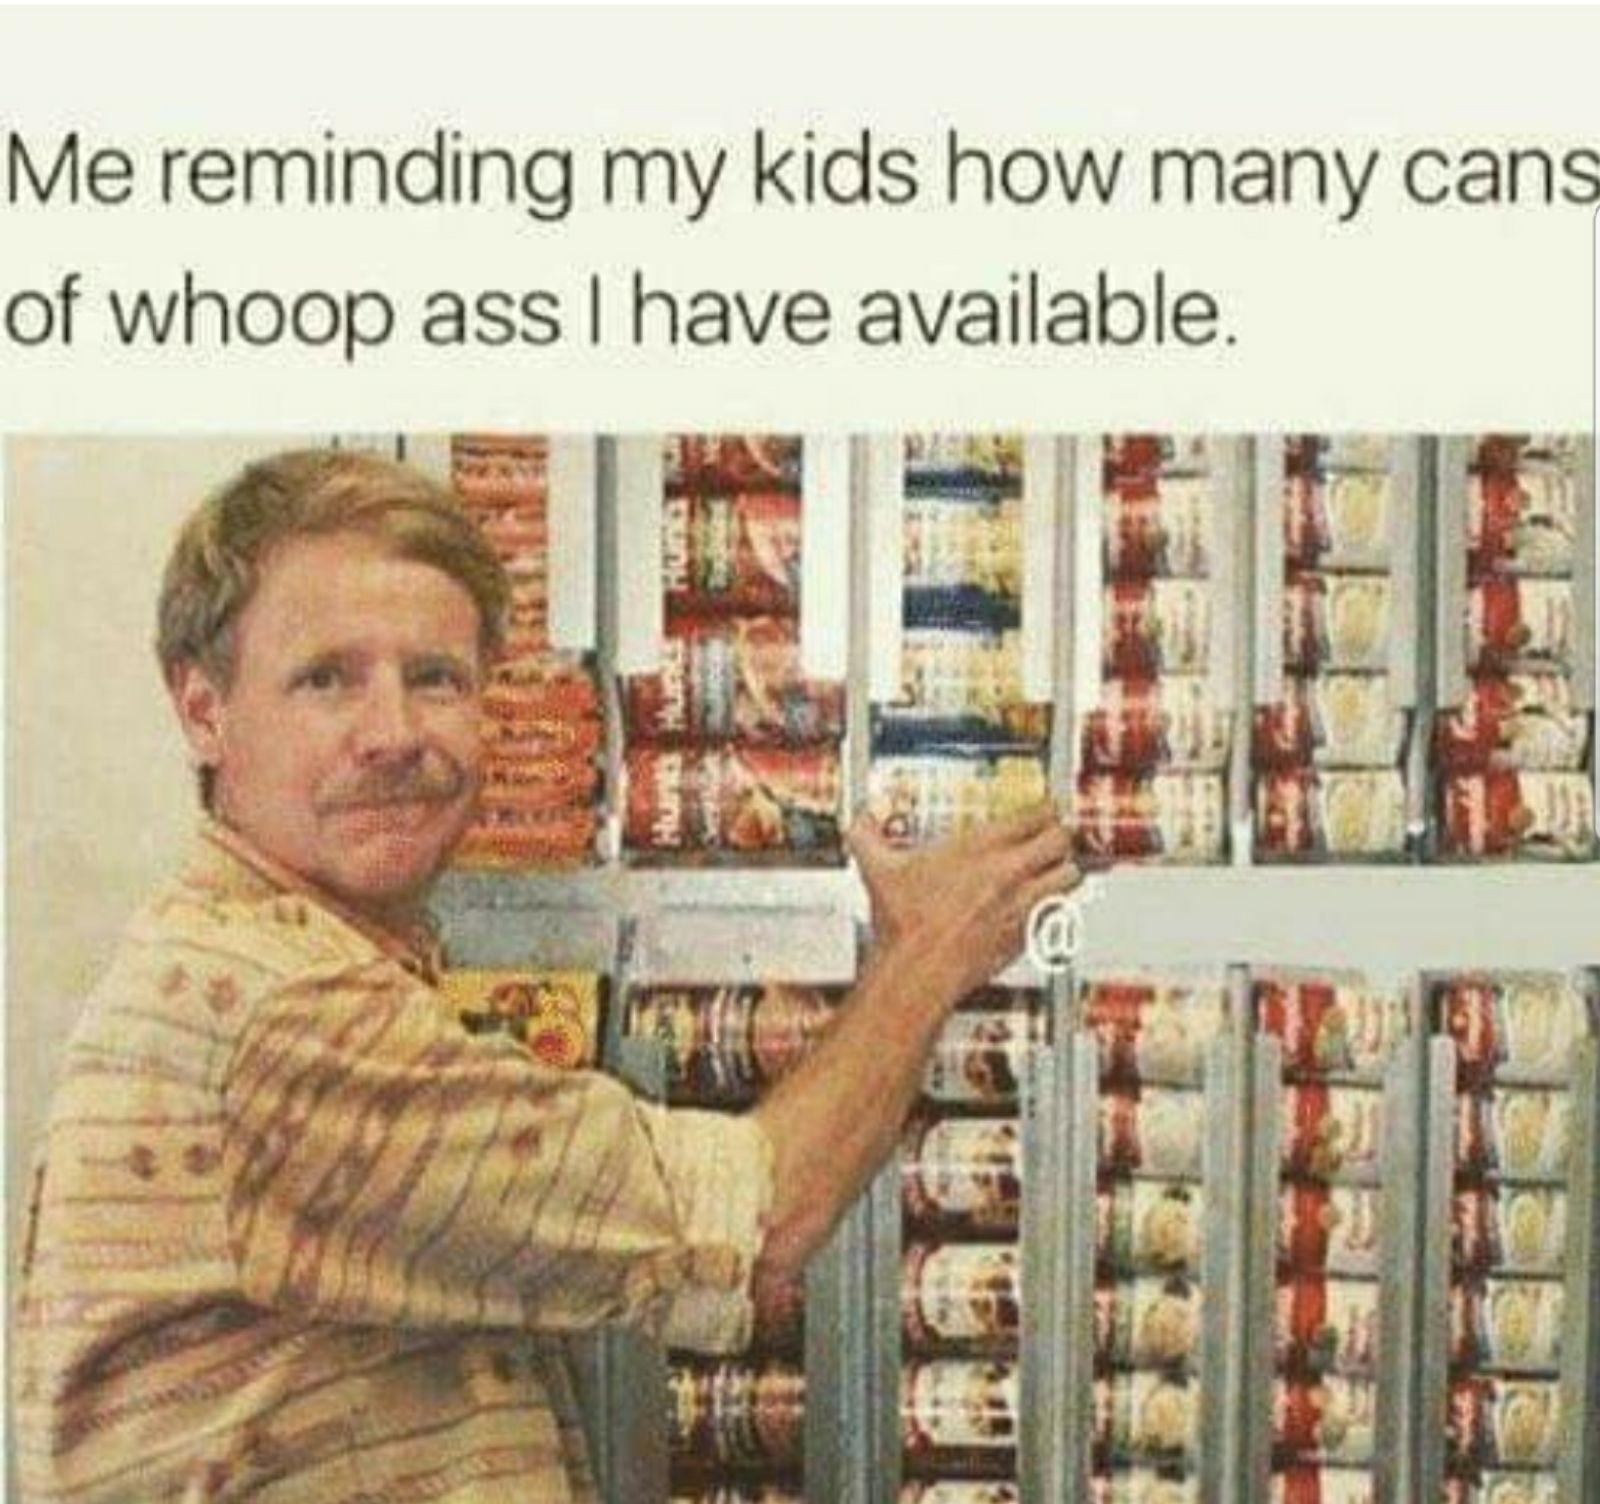 Me as a parent - meme